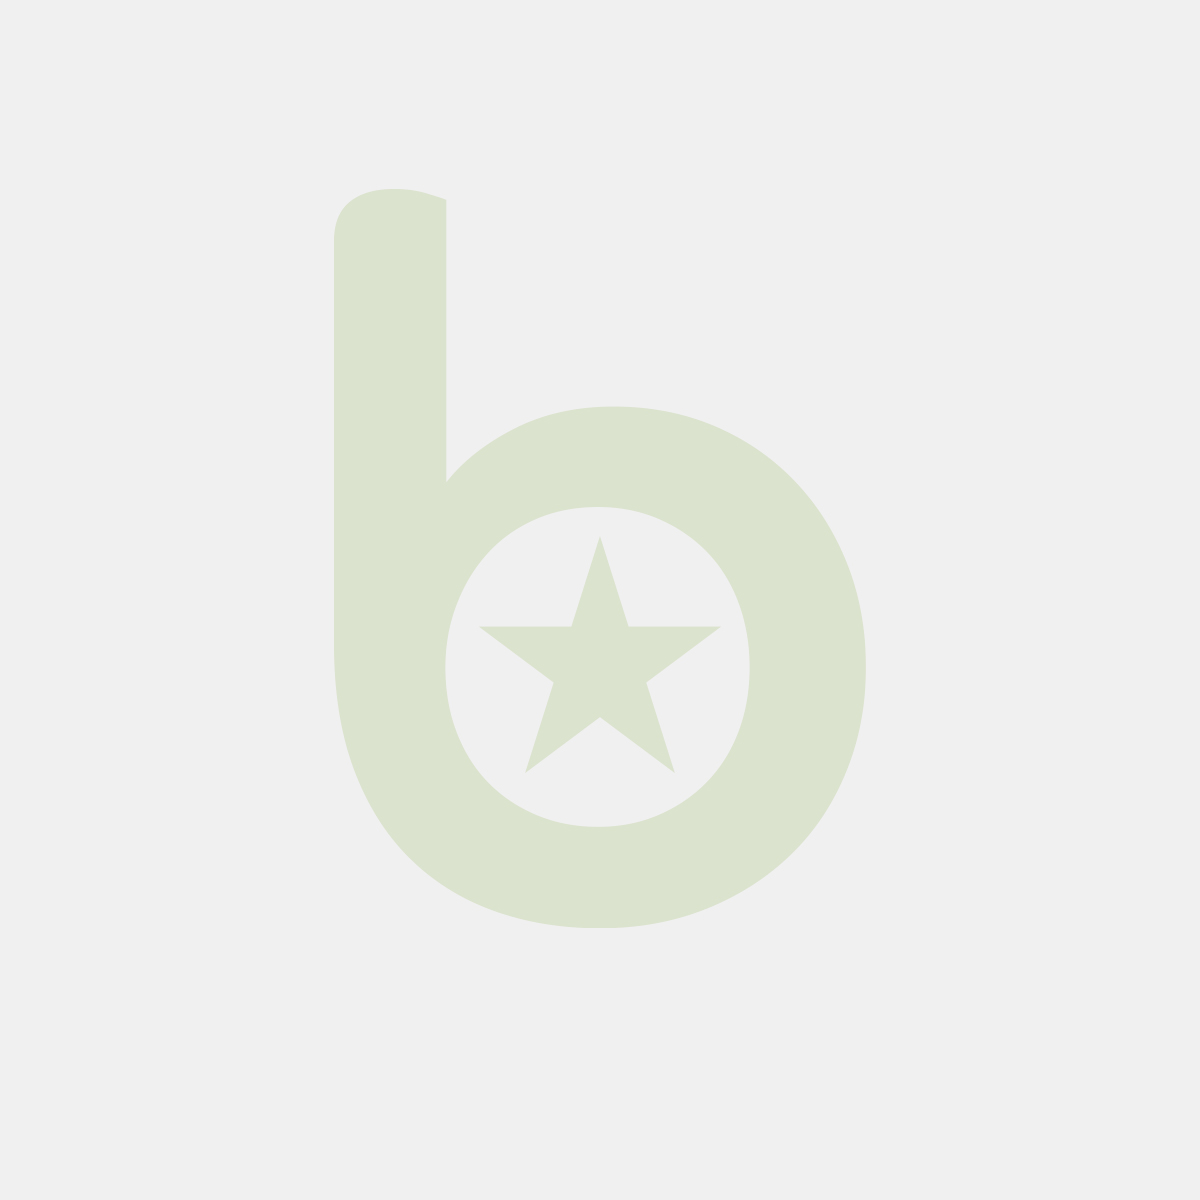 Wkład Express 75 do długopisu SCHNEIDER, F, format A2, czarny